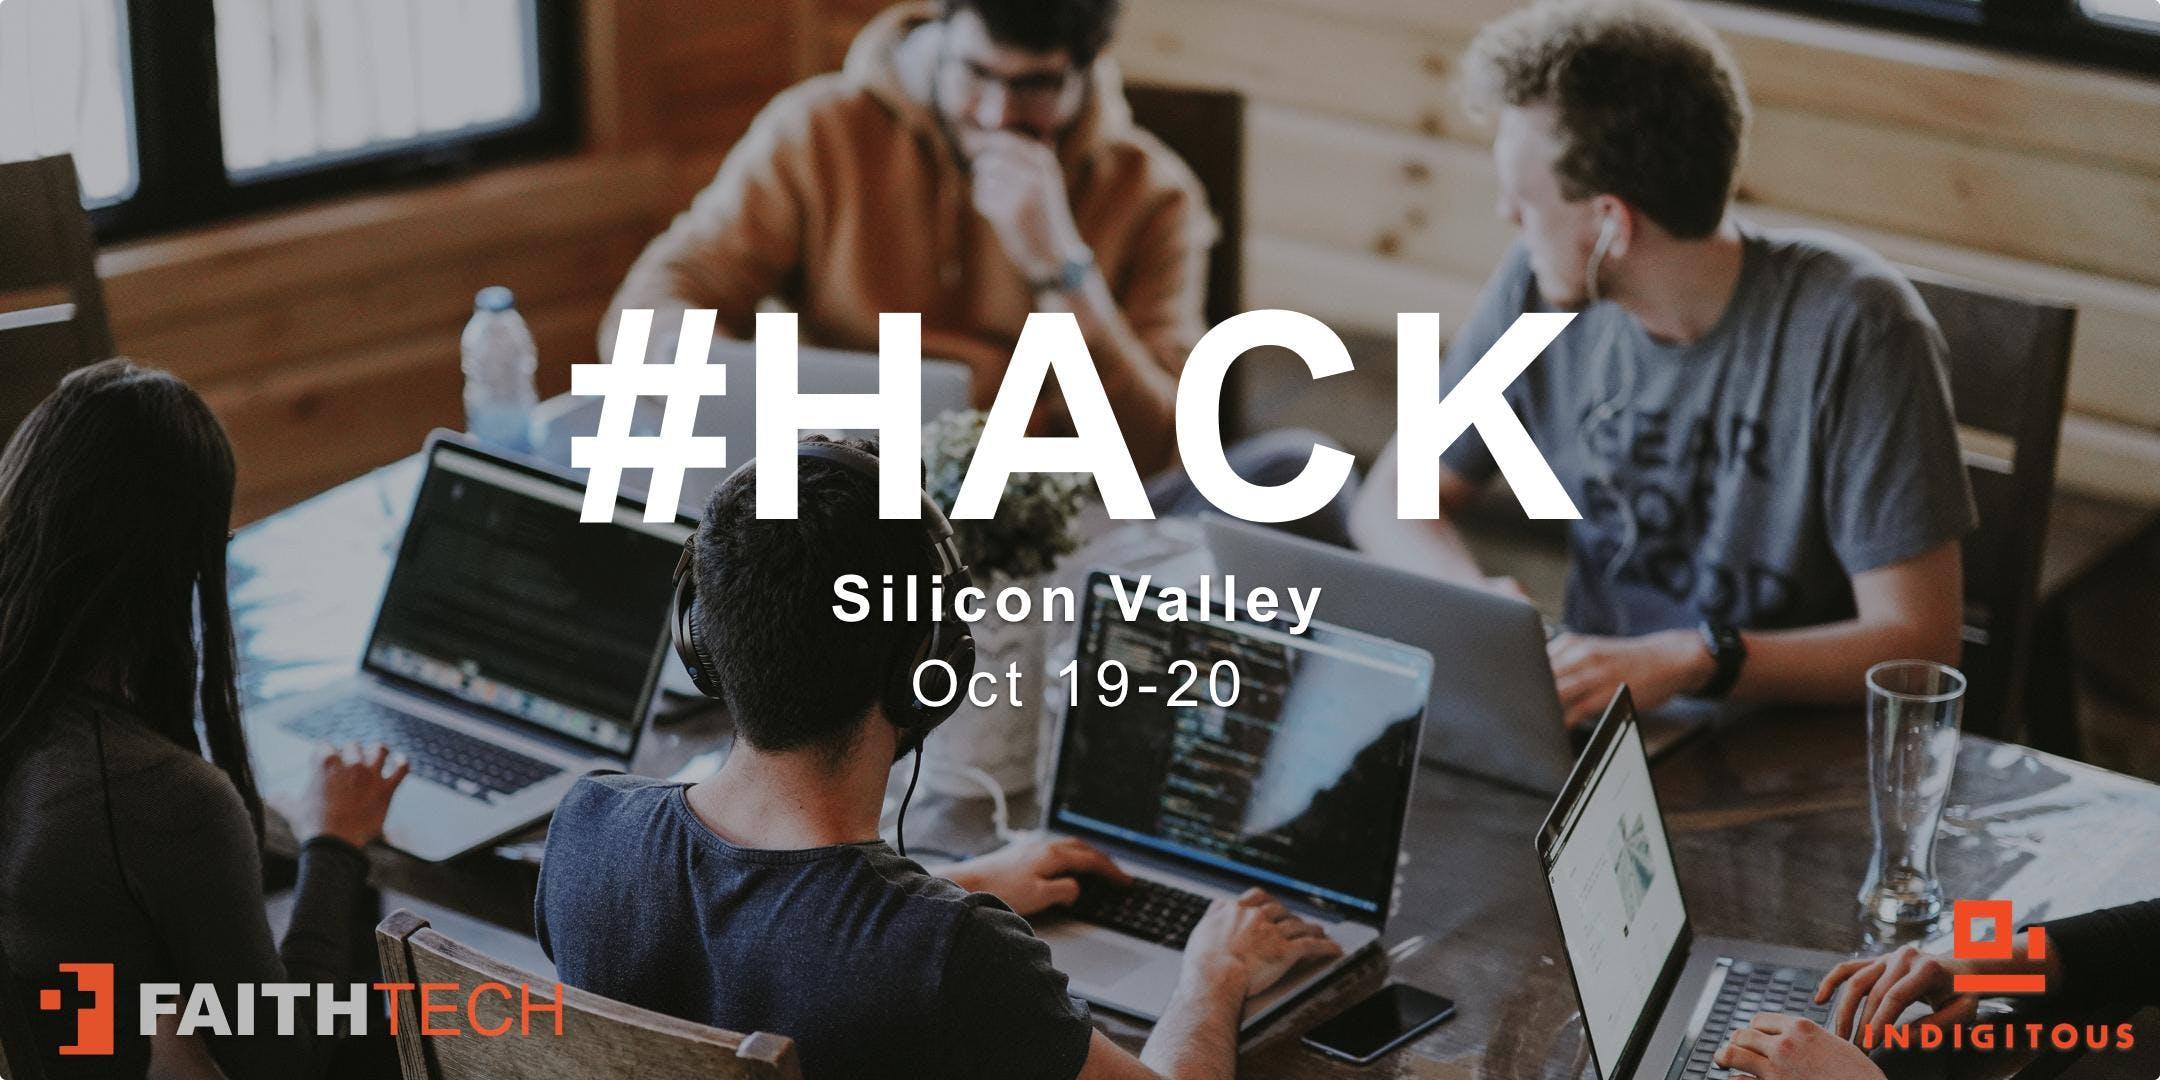 FaithTech #HACK Silicon Valley